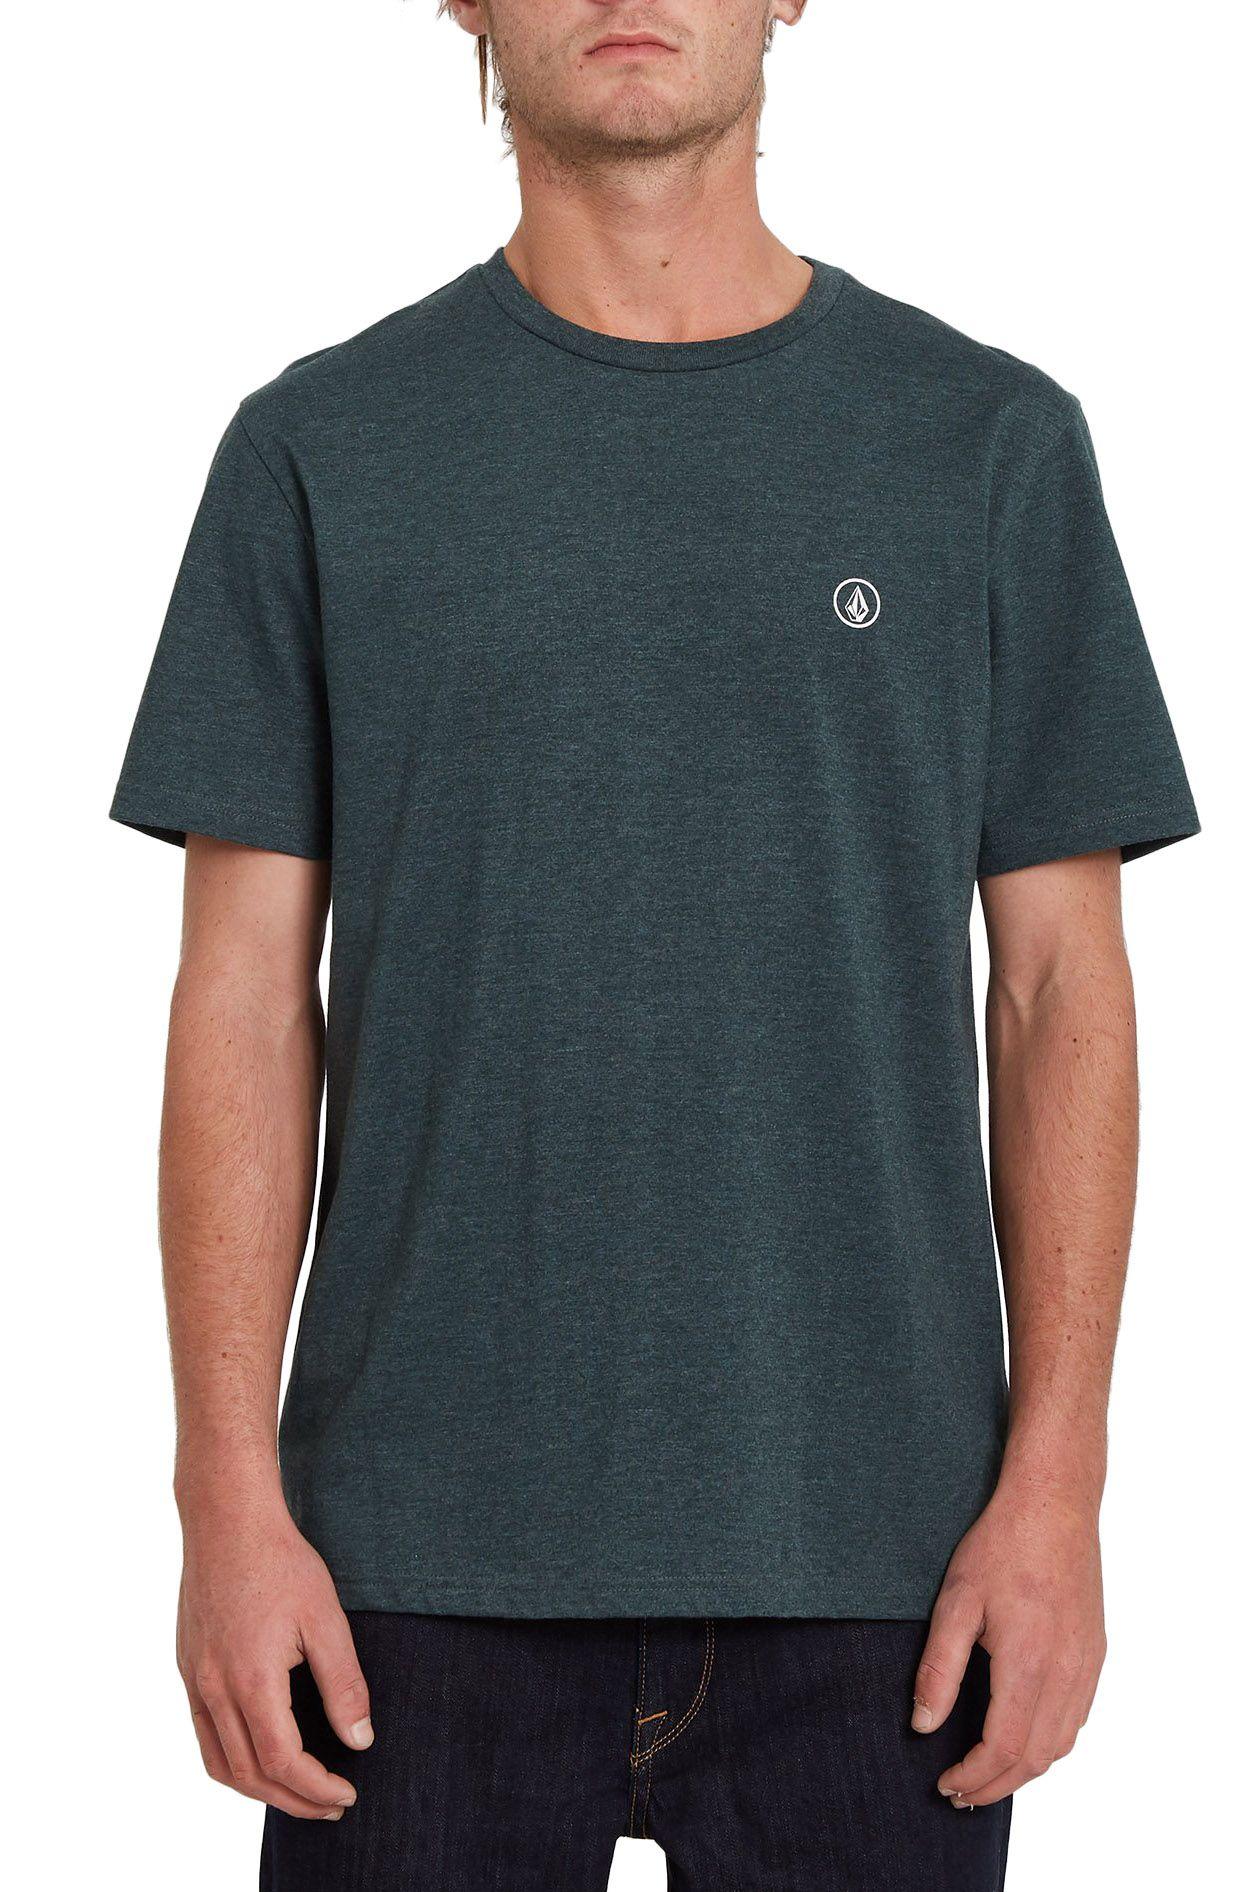 T-Shirt Volcom CIRCLE BLANKS HTH Scarab